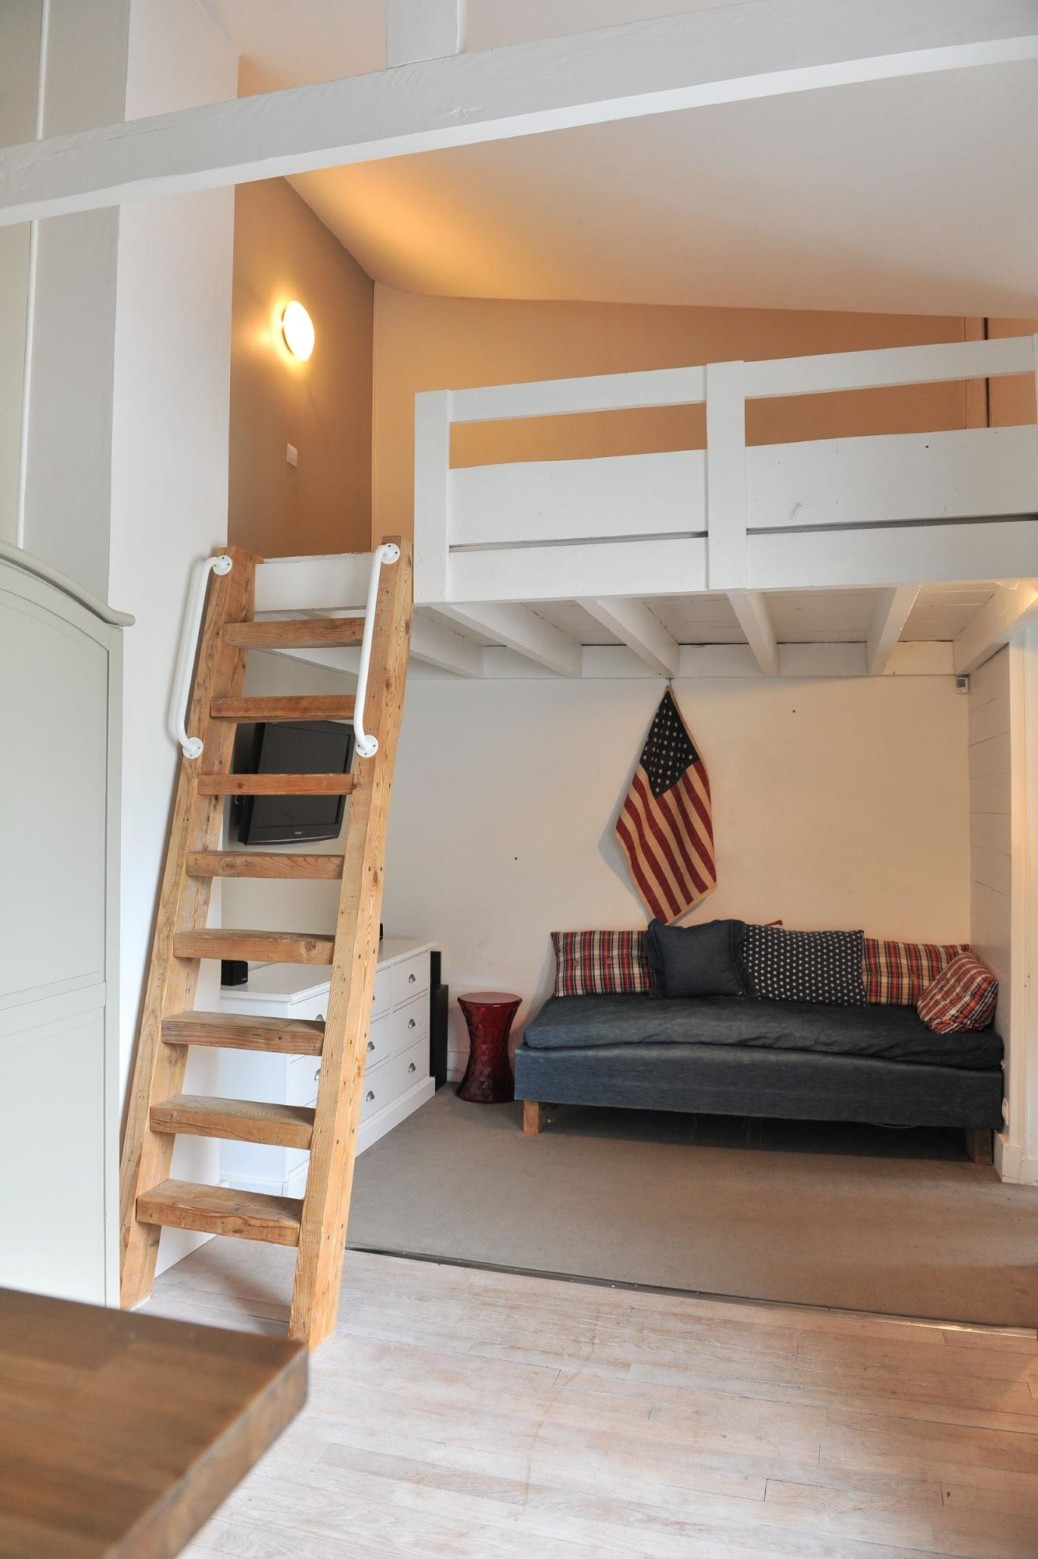 les mezzanines c 39 est magique la maison bliss. Black Bedroom Furniture Sets. Home Design Ideas